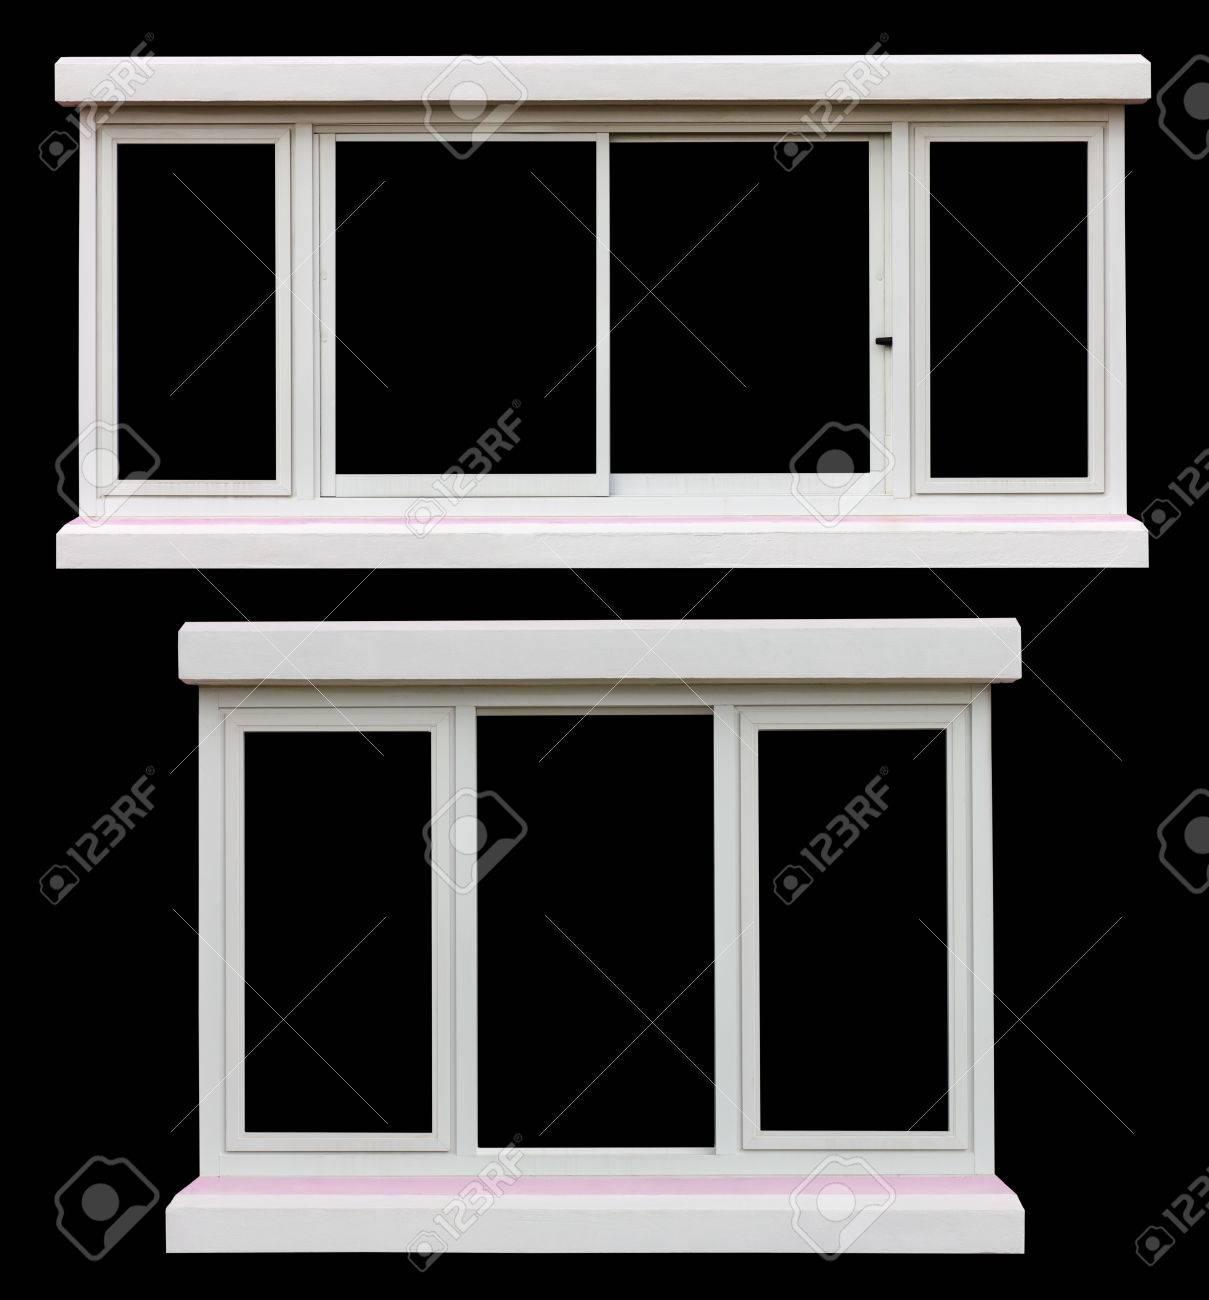 aislar las vigas de hormign blanco ventanas de guillotina de aluminio tanto en raya rosada hermosa with como limpiar el aluminio de las ventanas